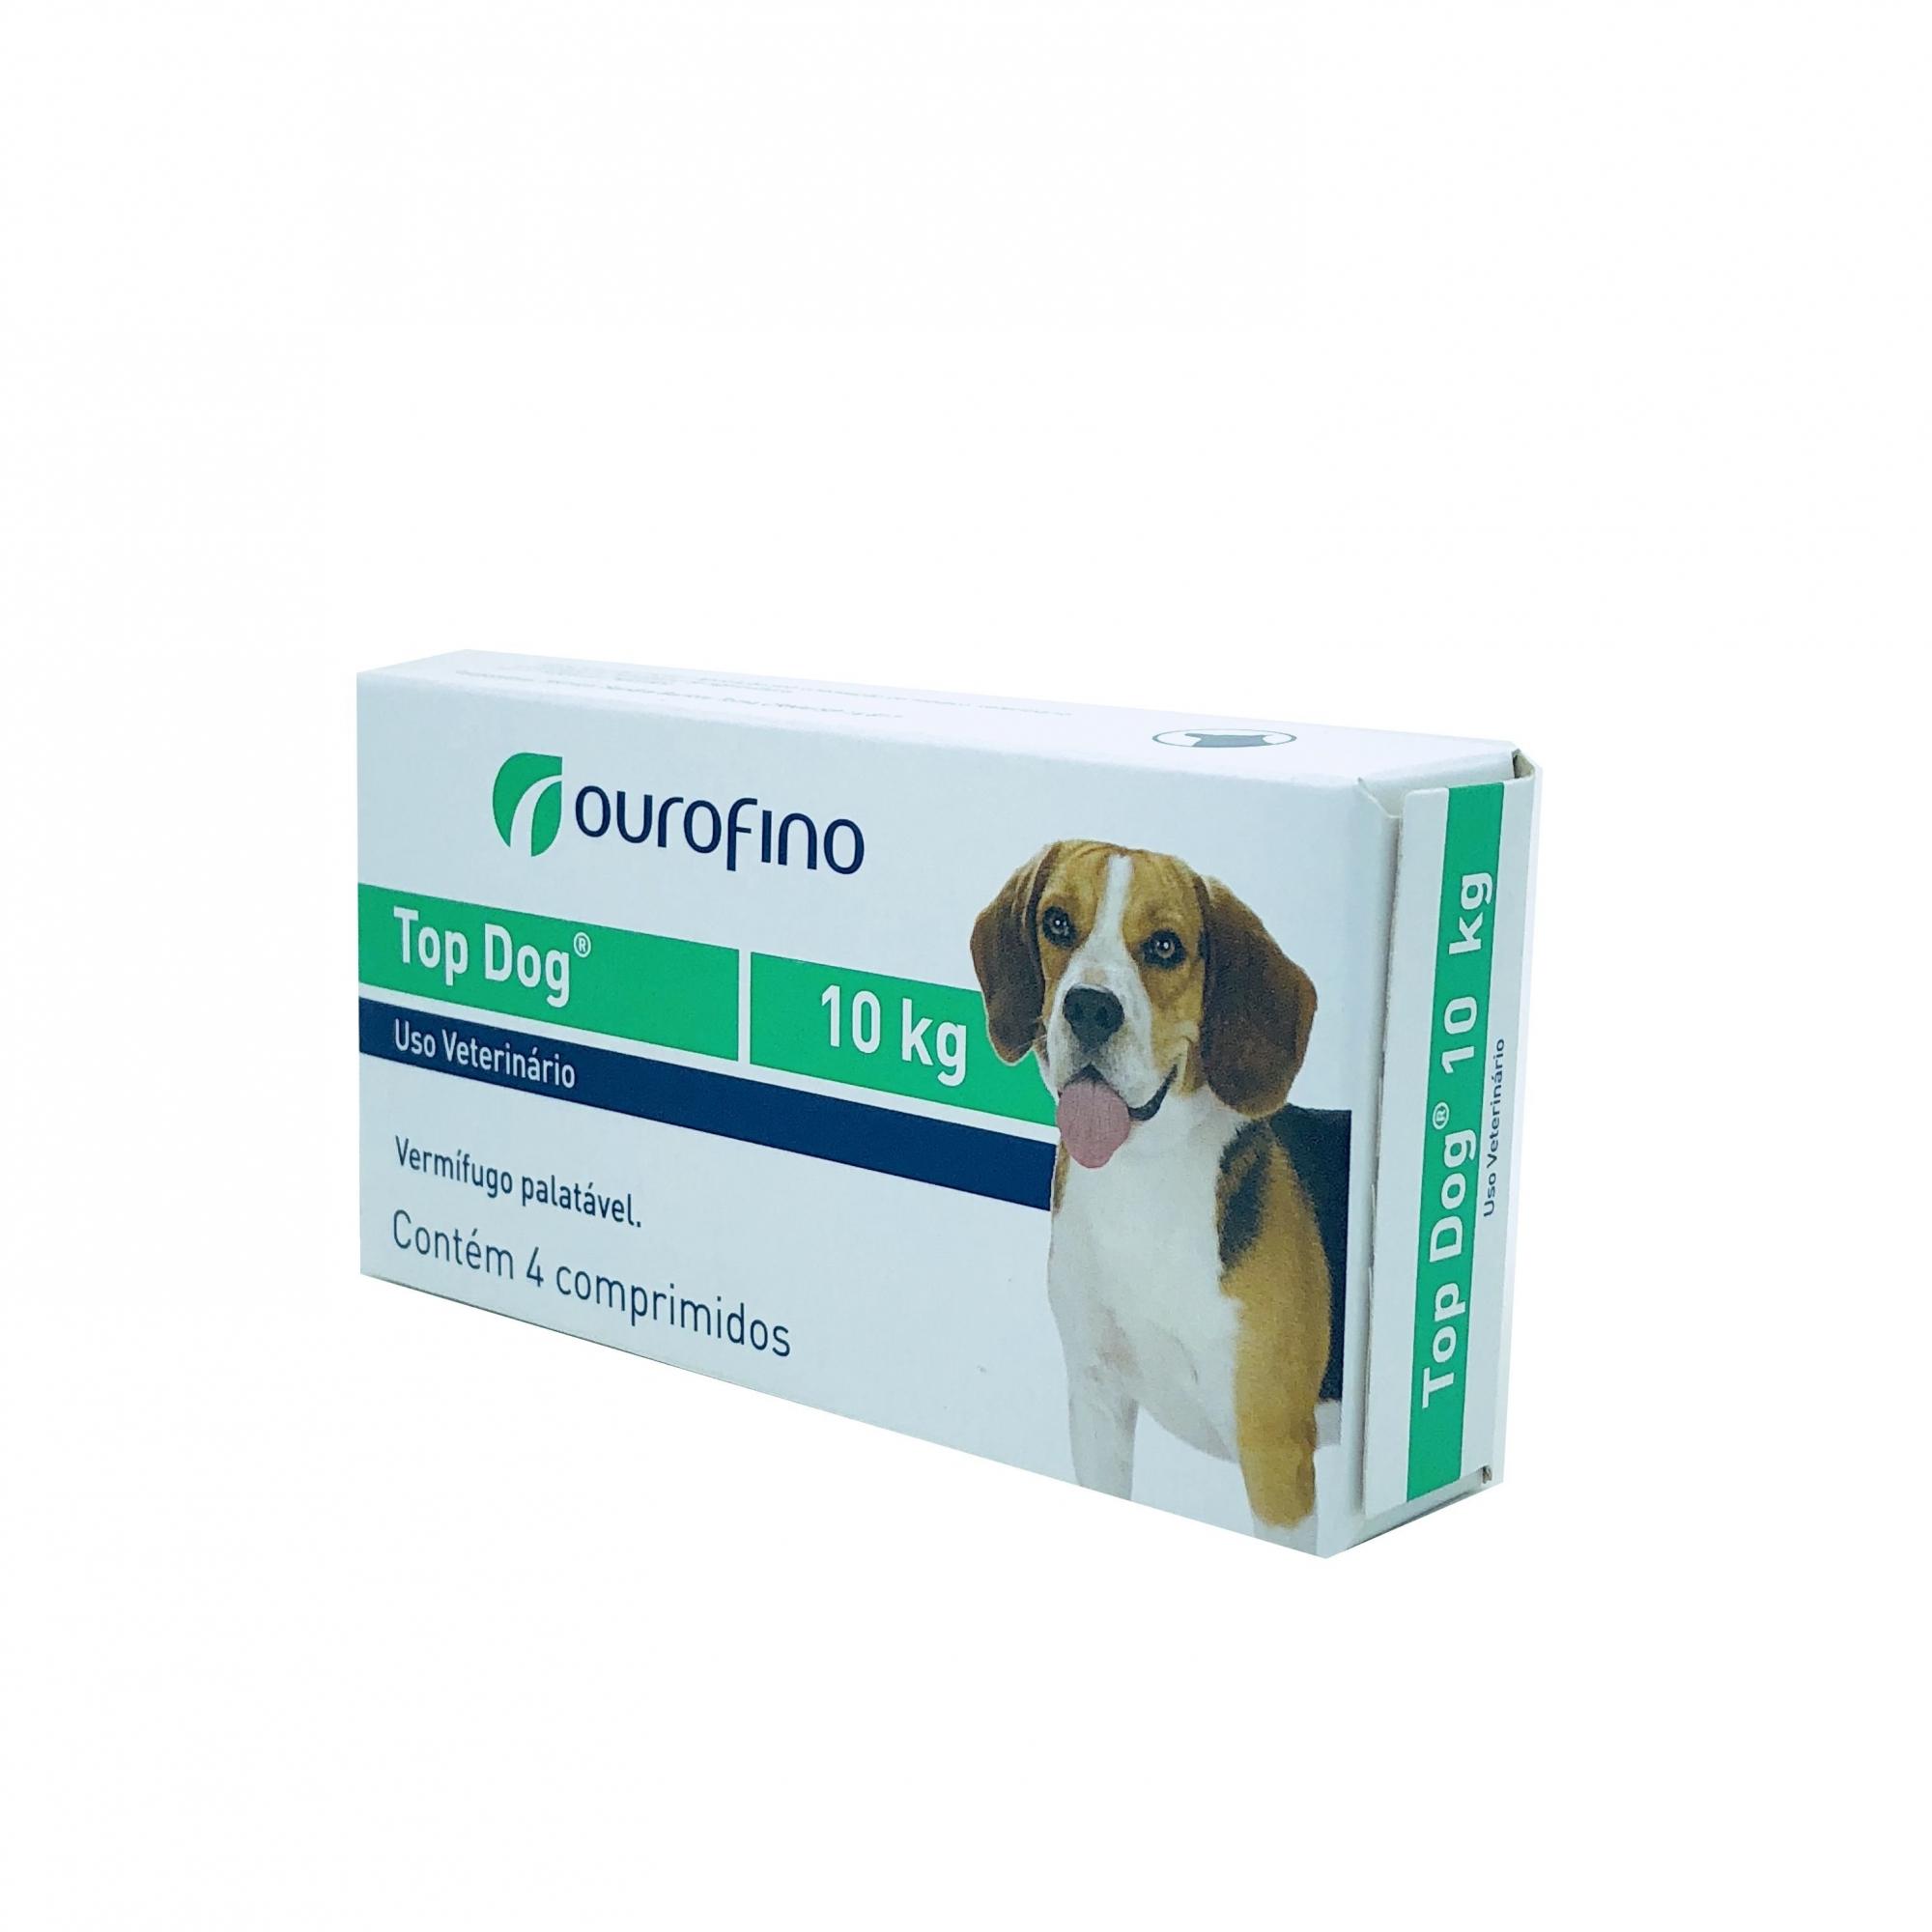 Vermífugo Top Dog Ourofino 10 kg